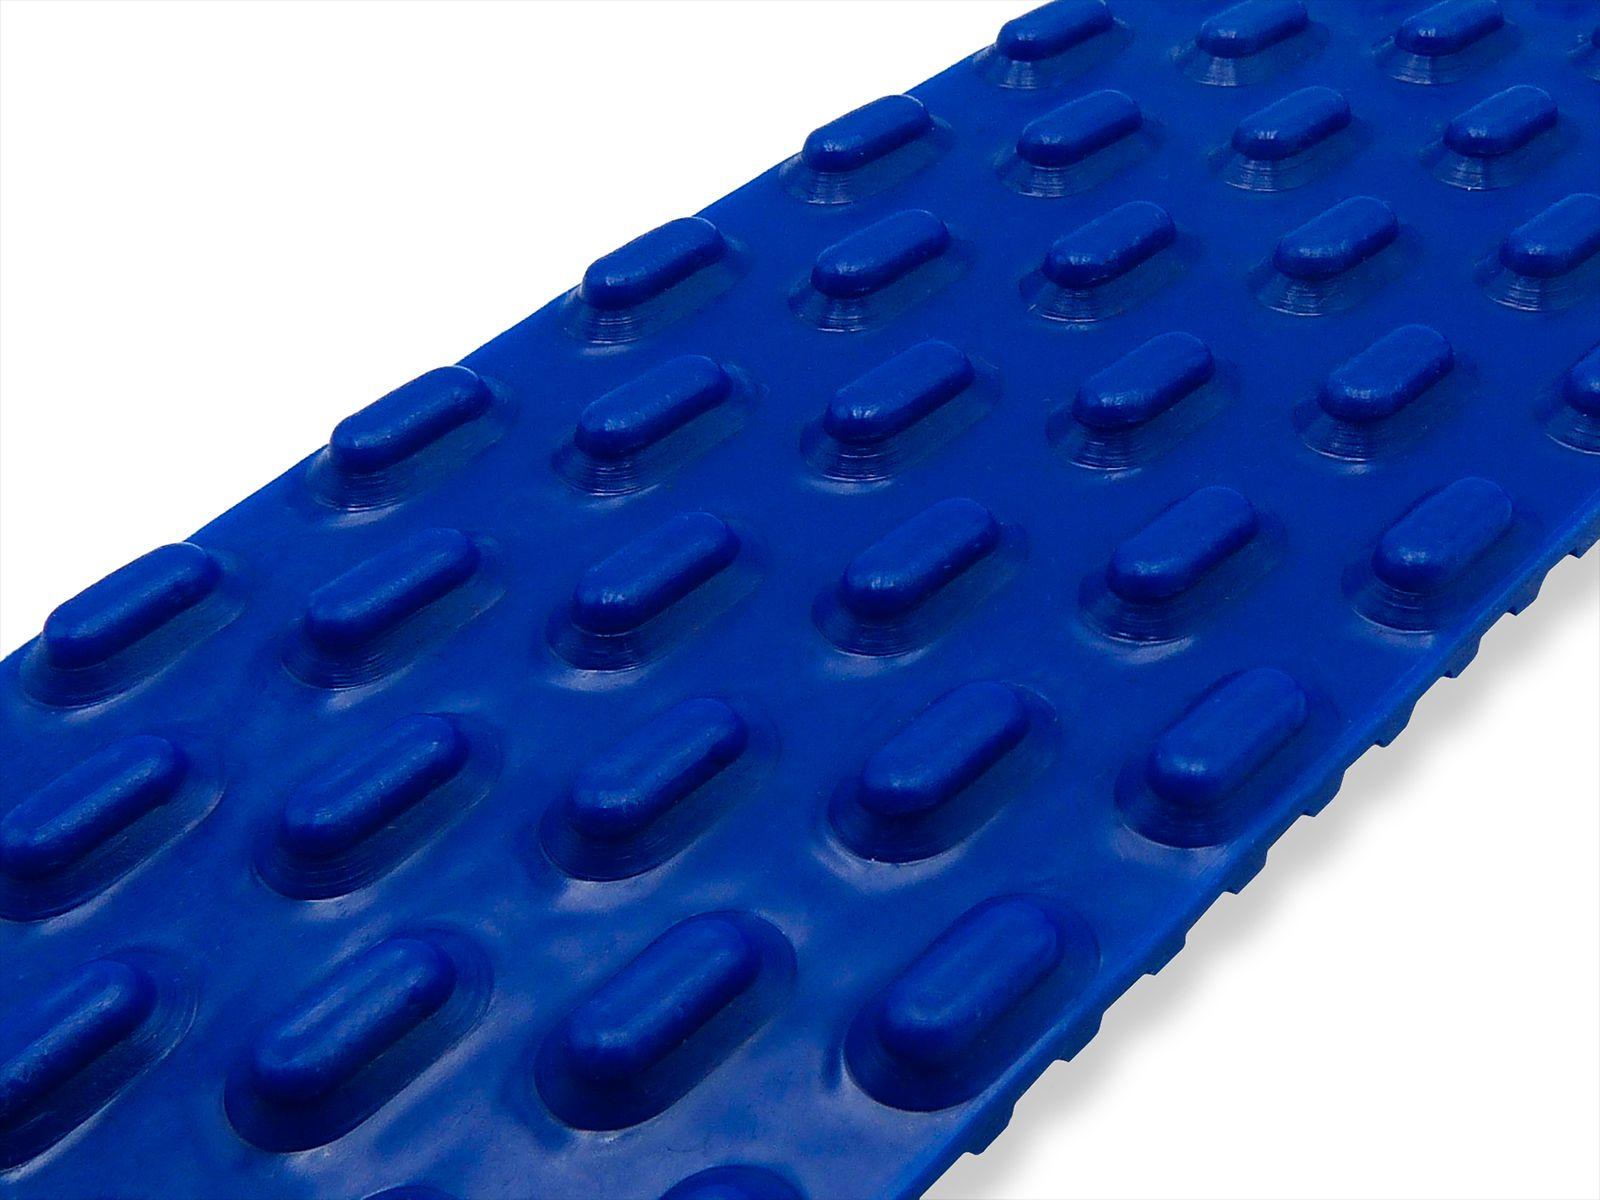 Geometria in poliuretano FDA utilizzata per sistema di trasporto nel settore degli insaccati